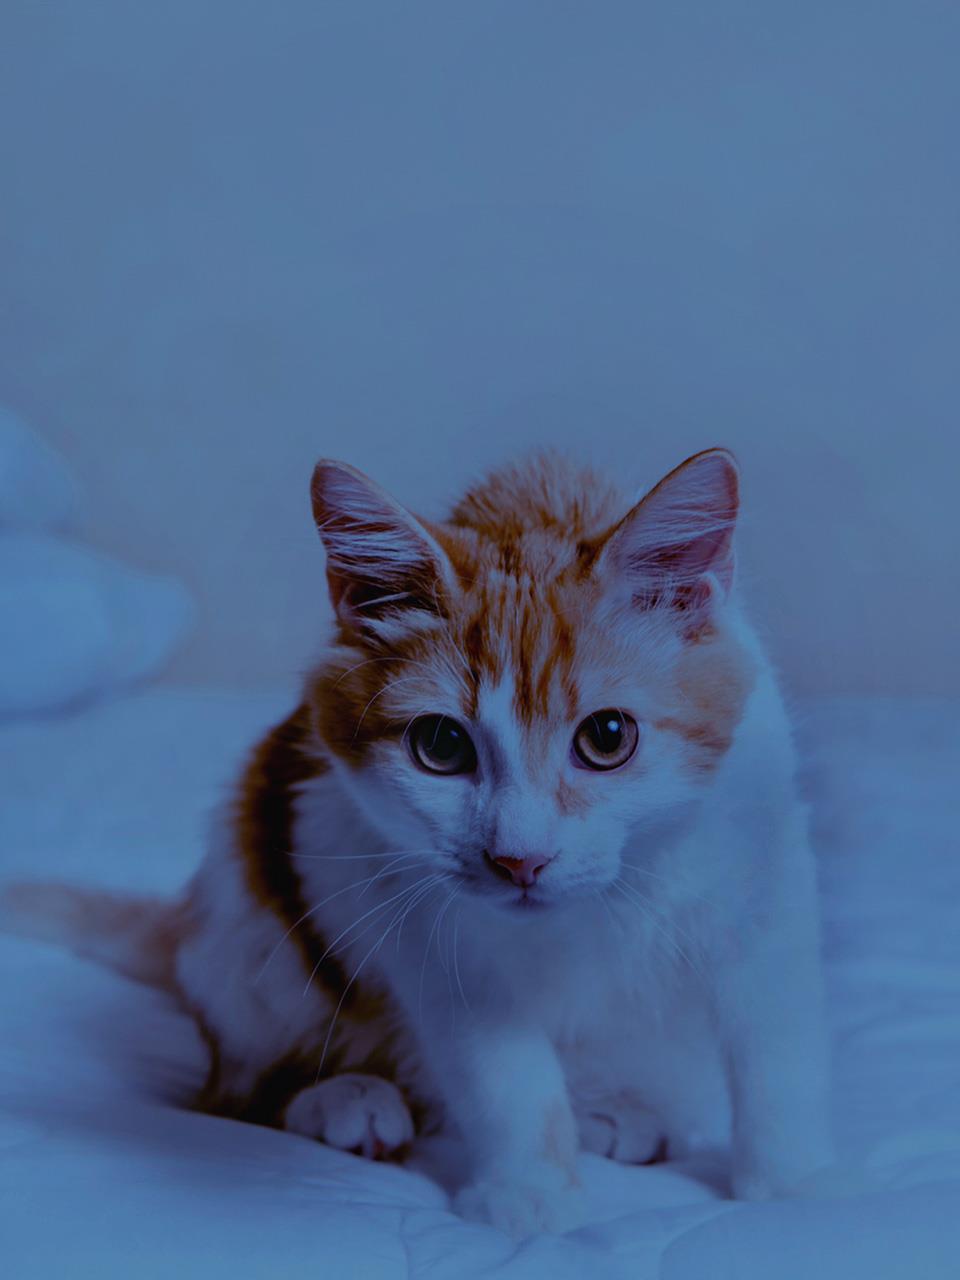 Kitten Sneezing A Lot